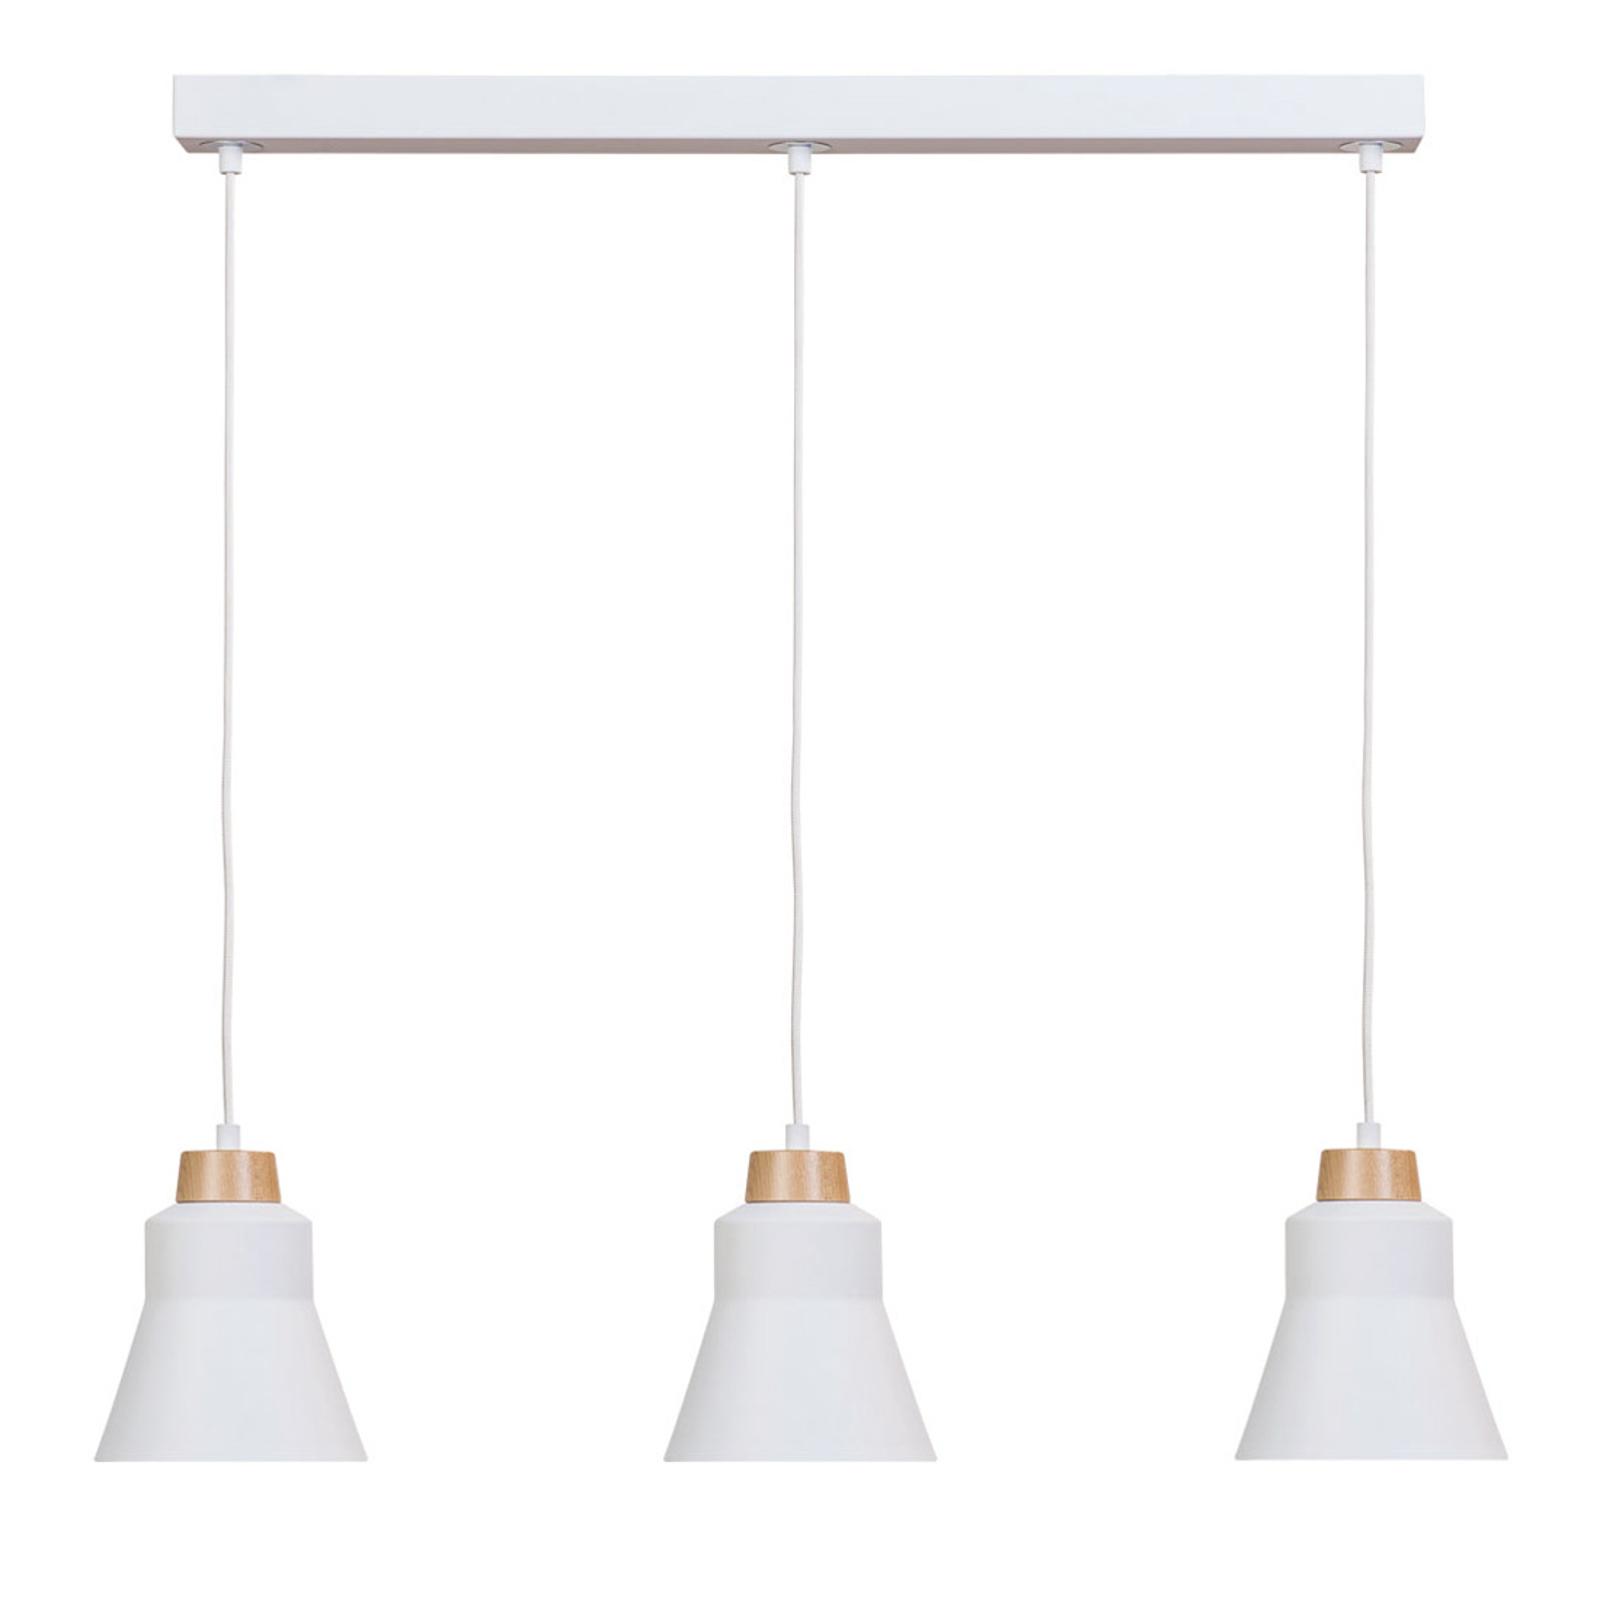 Riippuvalo Wood, 3-lamppuinen, valkoinen